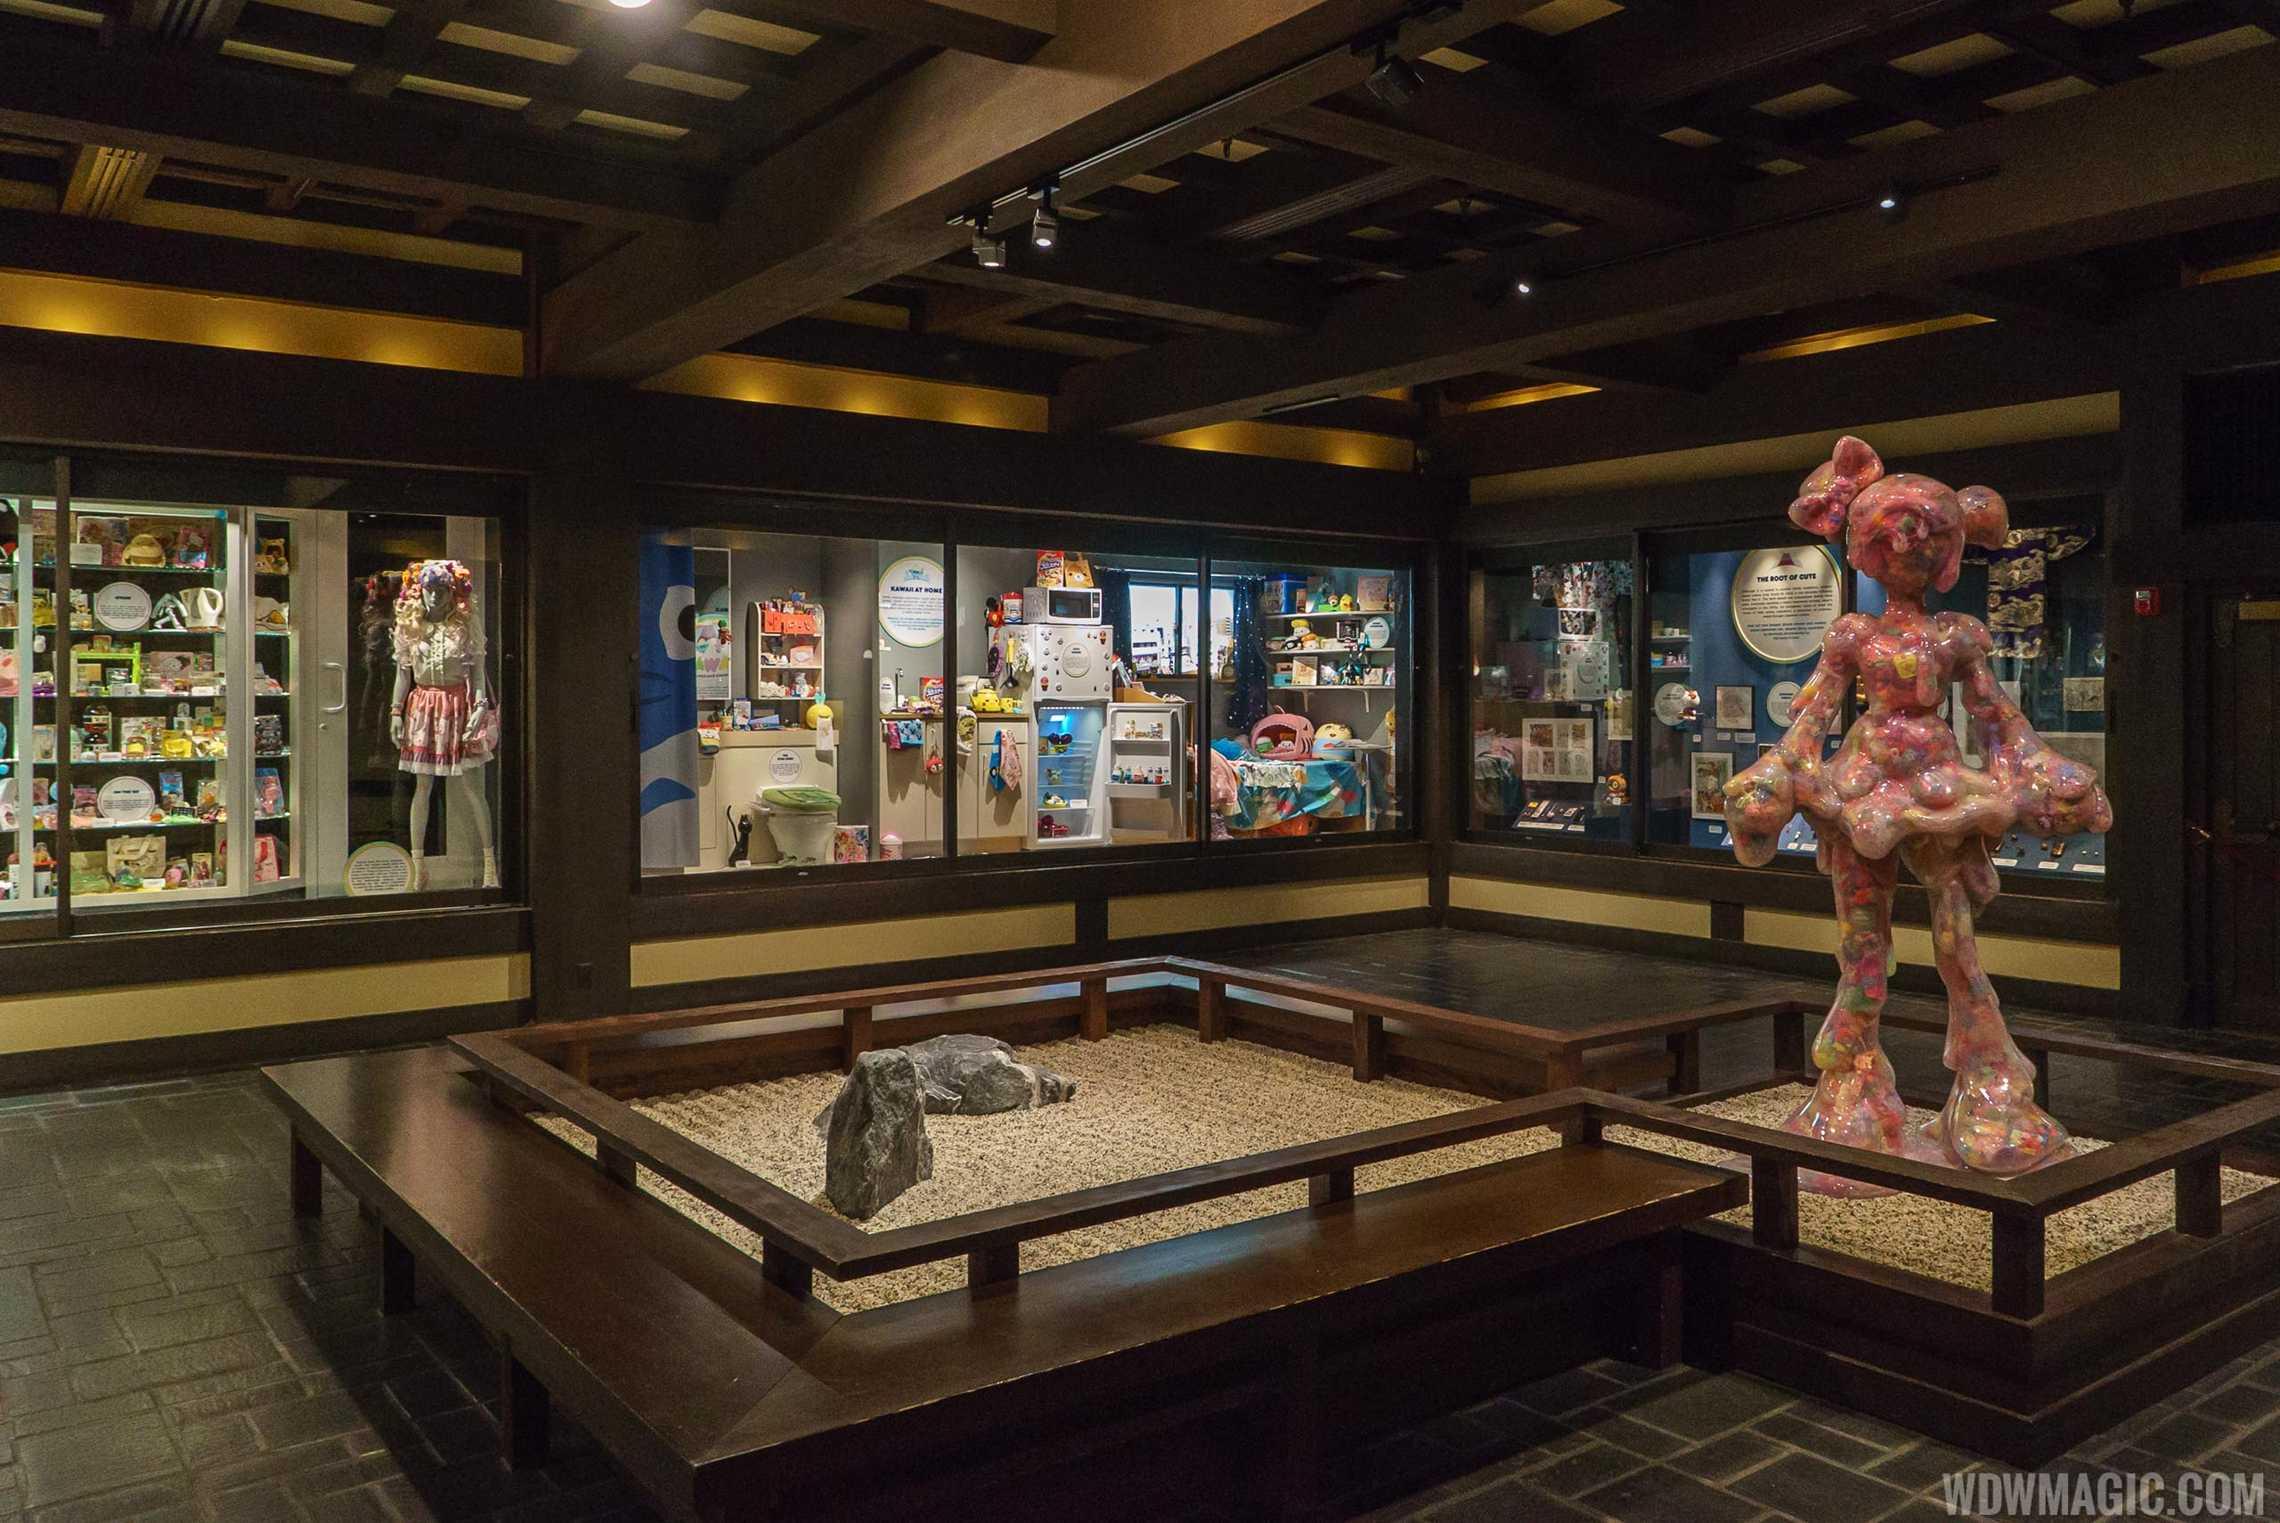 Epcot Kawaii Exhibit